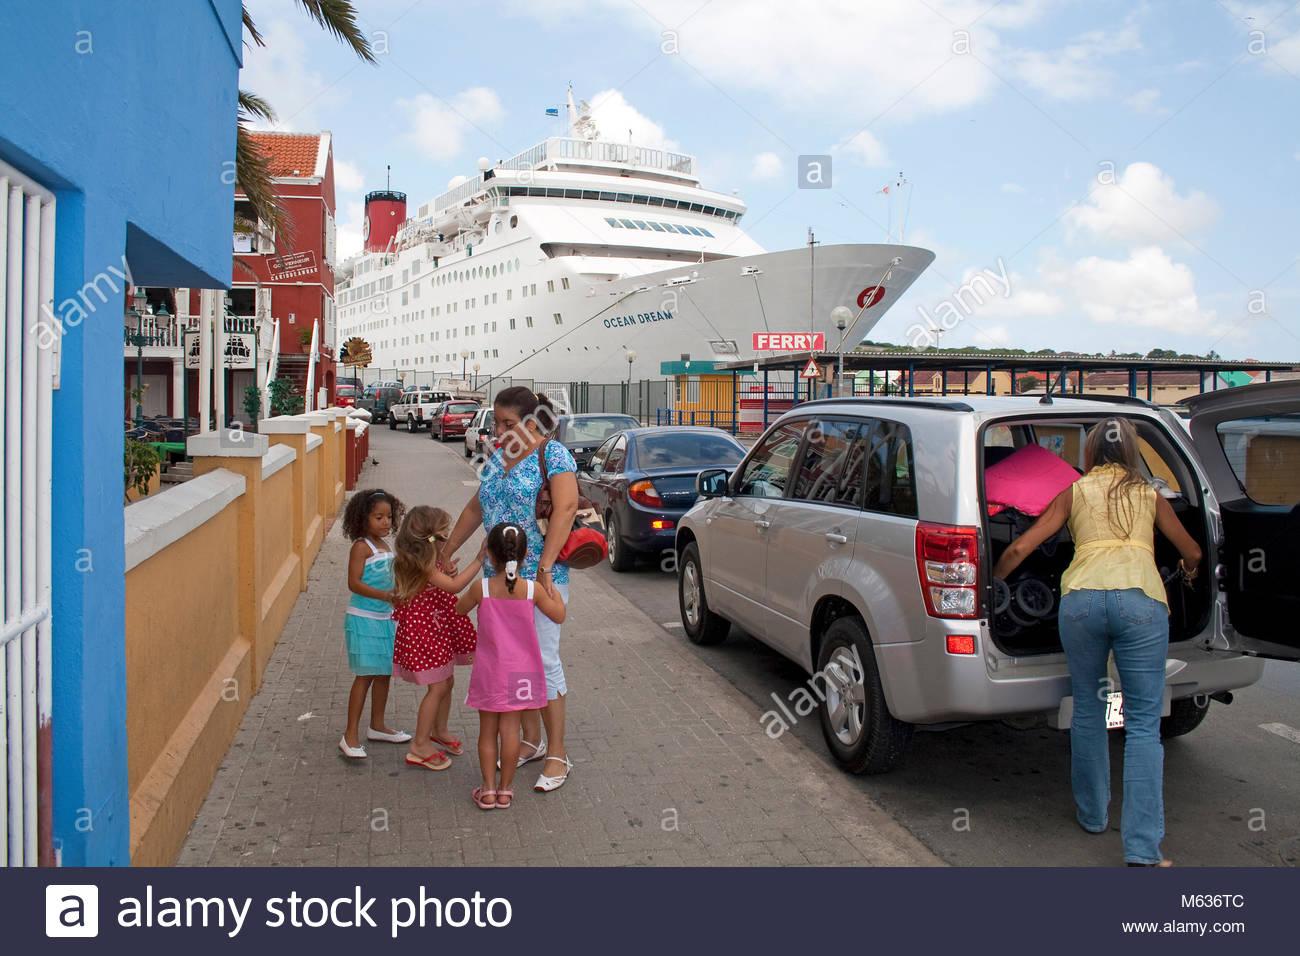 Kreuzfahrtschiff in der Sint Anna Baai, Stadtteil Otrobanda, Willemstad, Curacao, Niederlaendische Antillen, Karibik Stockbild